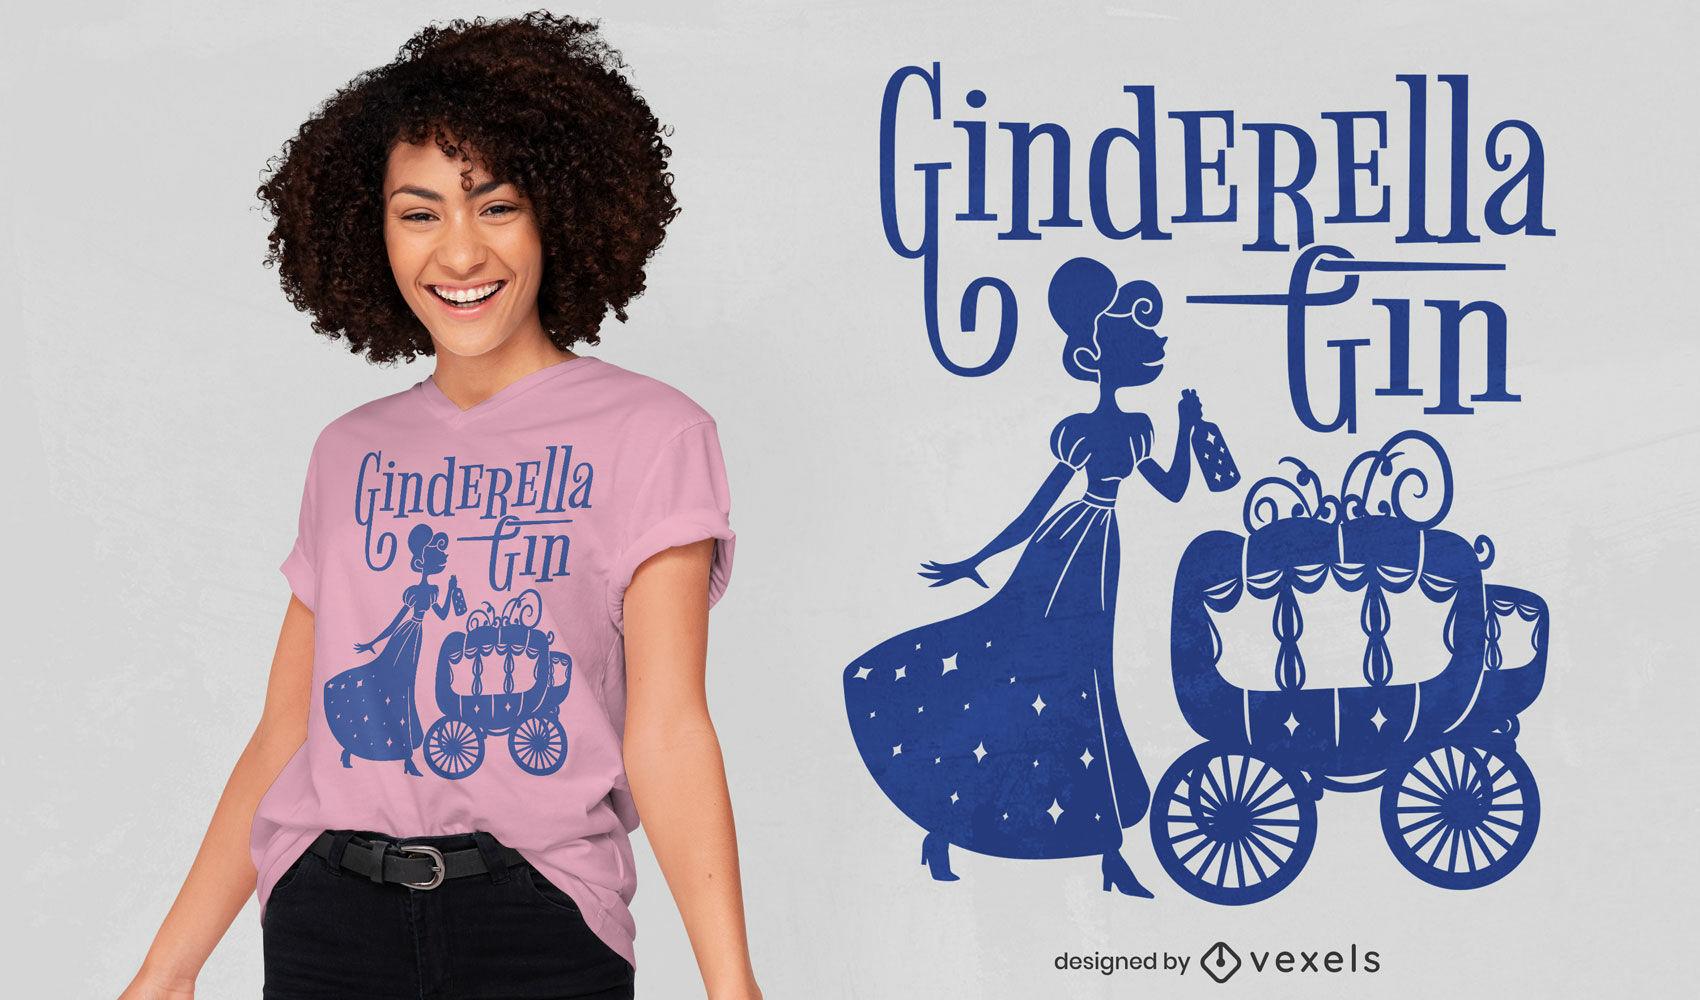 Cinderella drunk parody t-shirt design